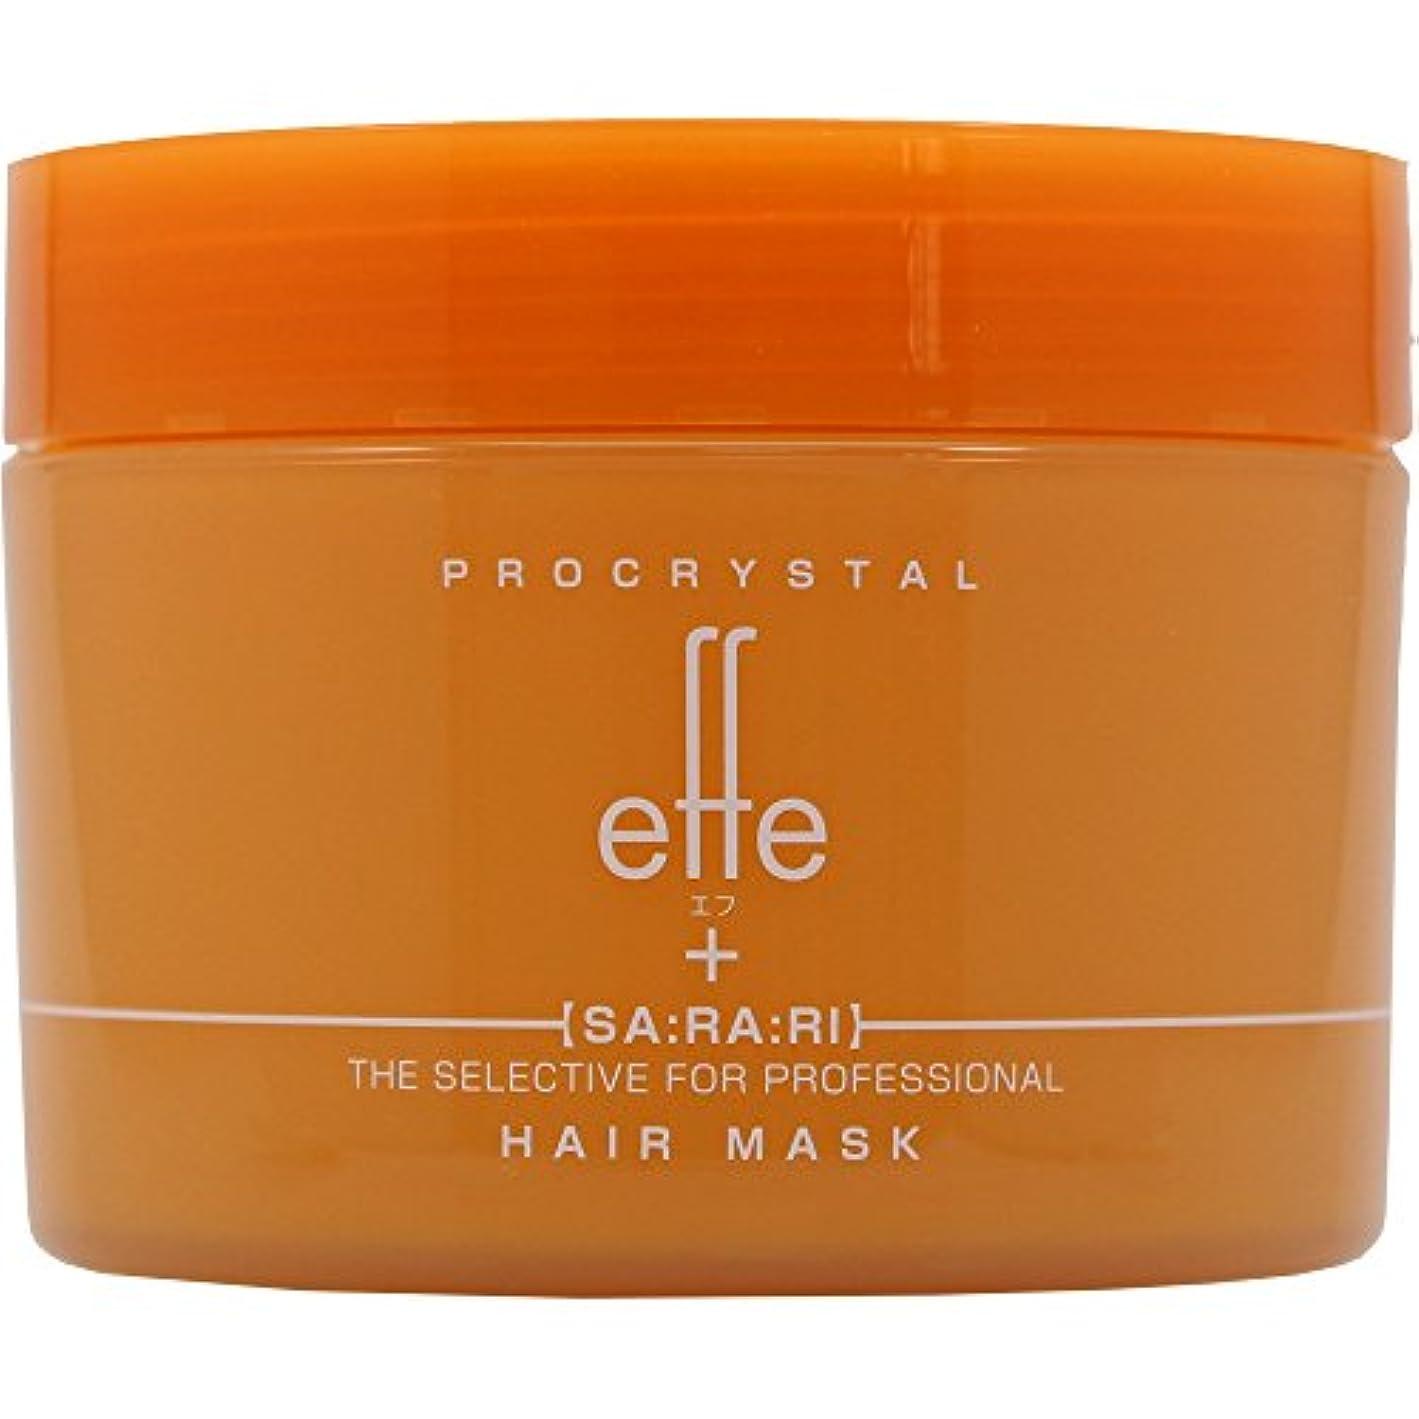 間違えたアベニュー摂氏度アペティート化粧品 プロクリスタル effe (エフ) ヘアマスク さらり200g